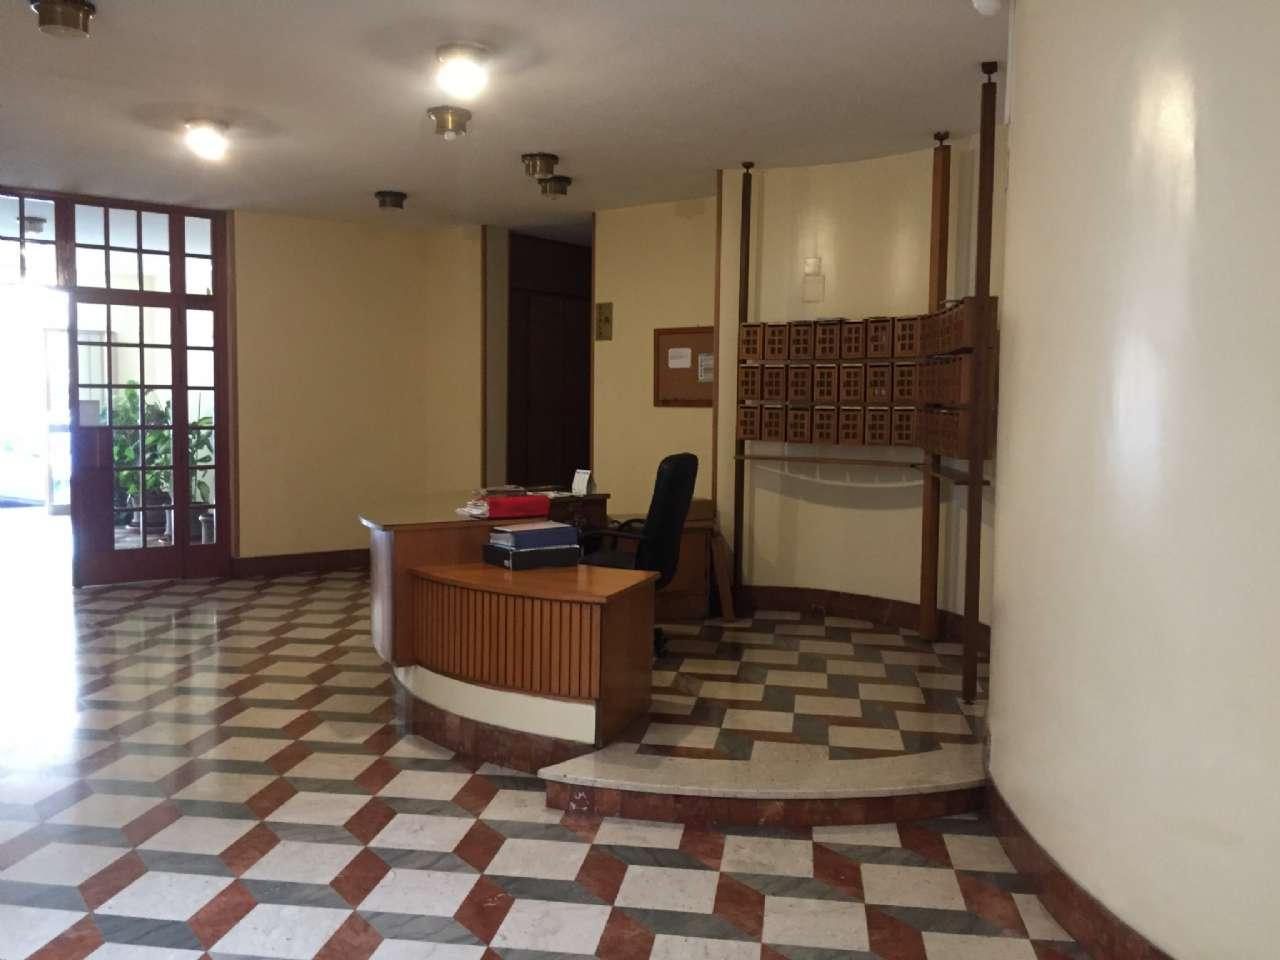 Quadrilocale, Via Ercole Bernabei, zona Malaspina, Palermo, foto 15